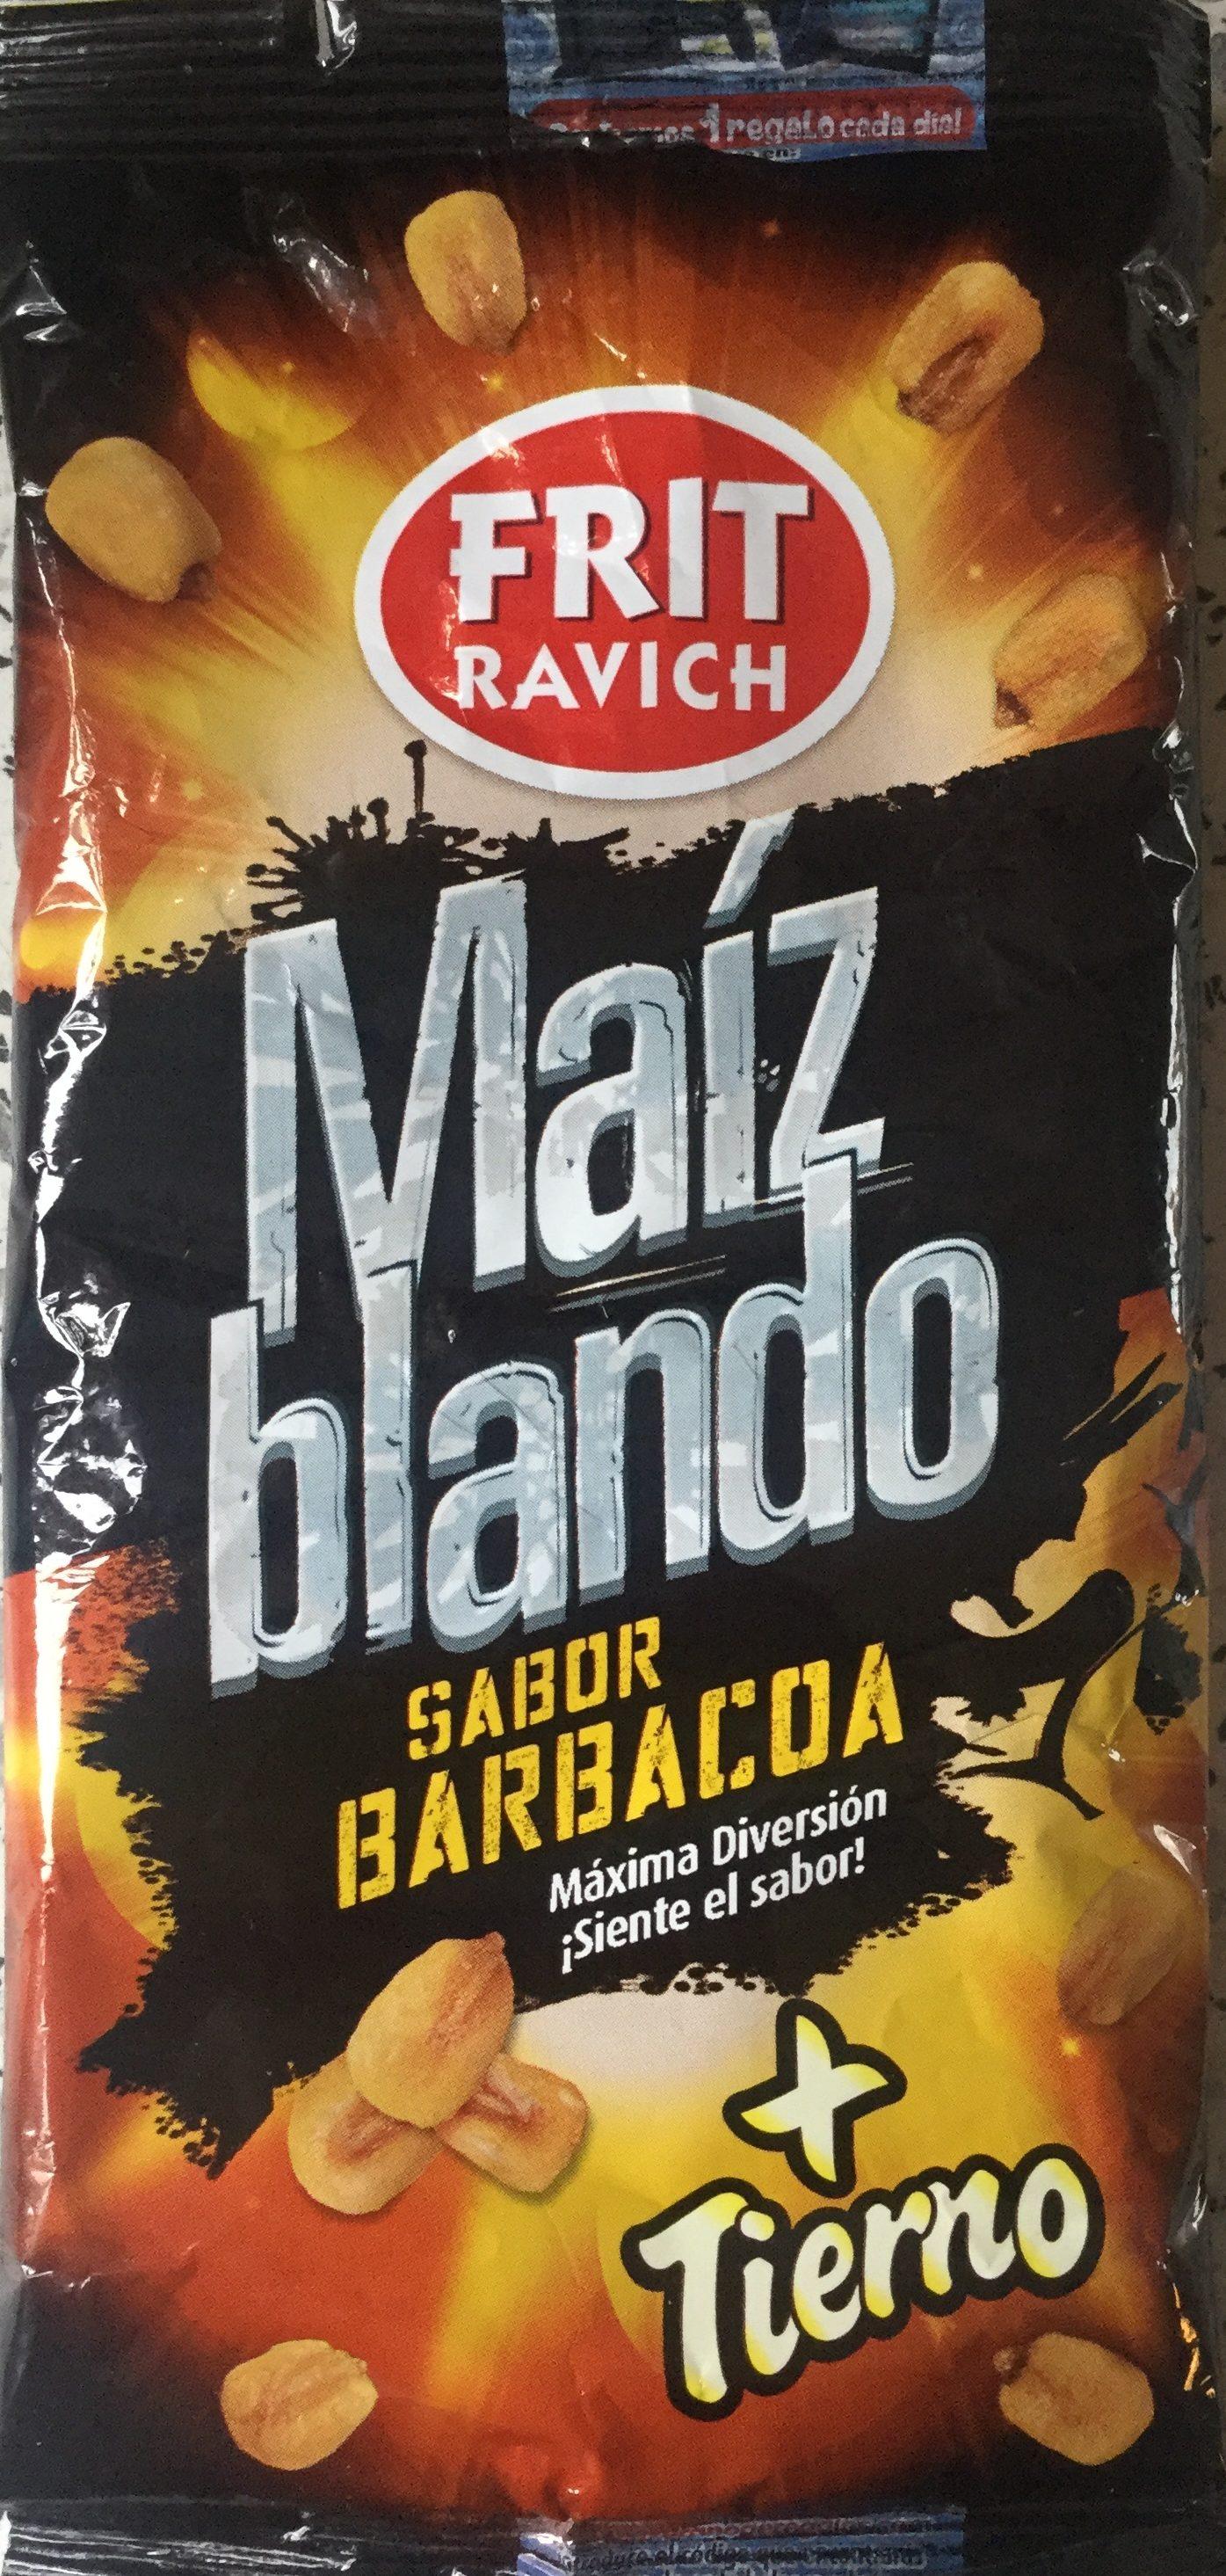 Maíz blando sabor barbacoa - Product - es